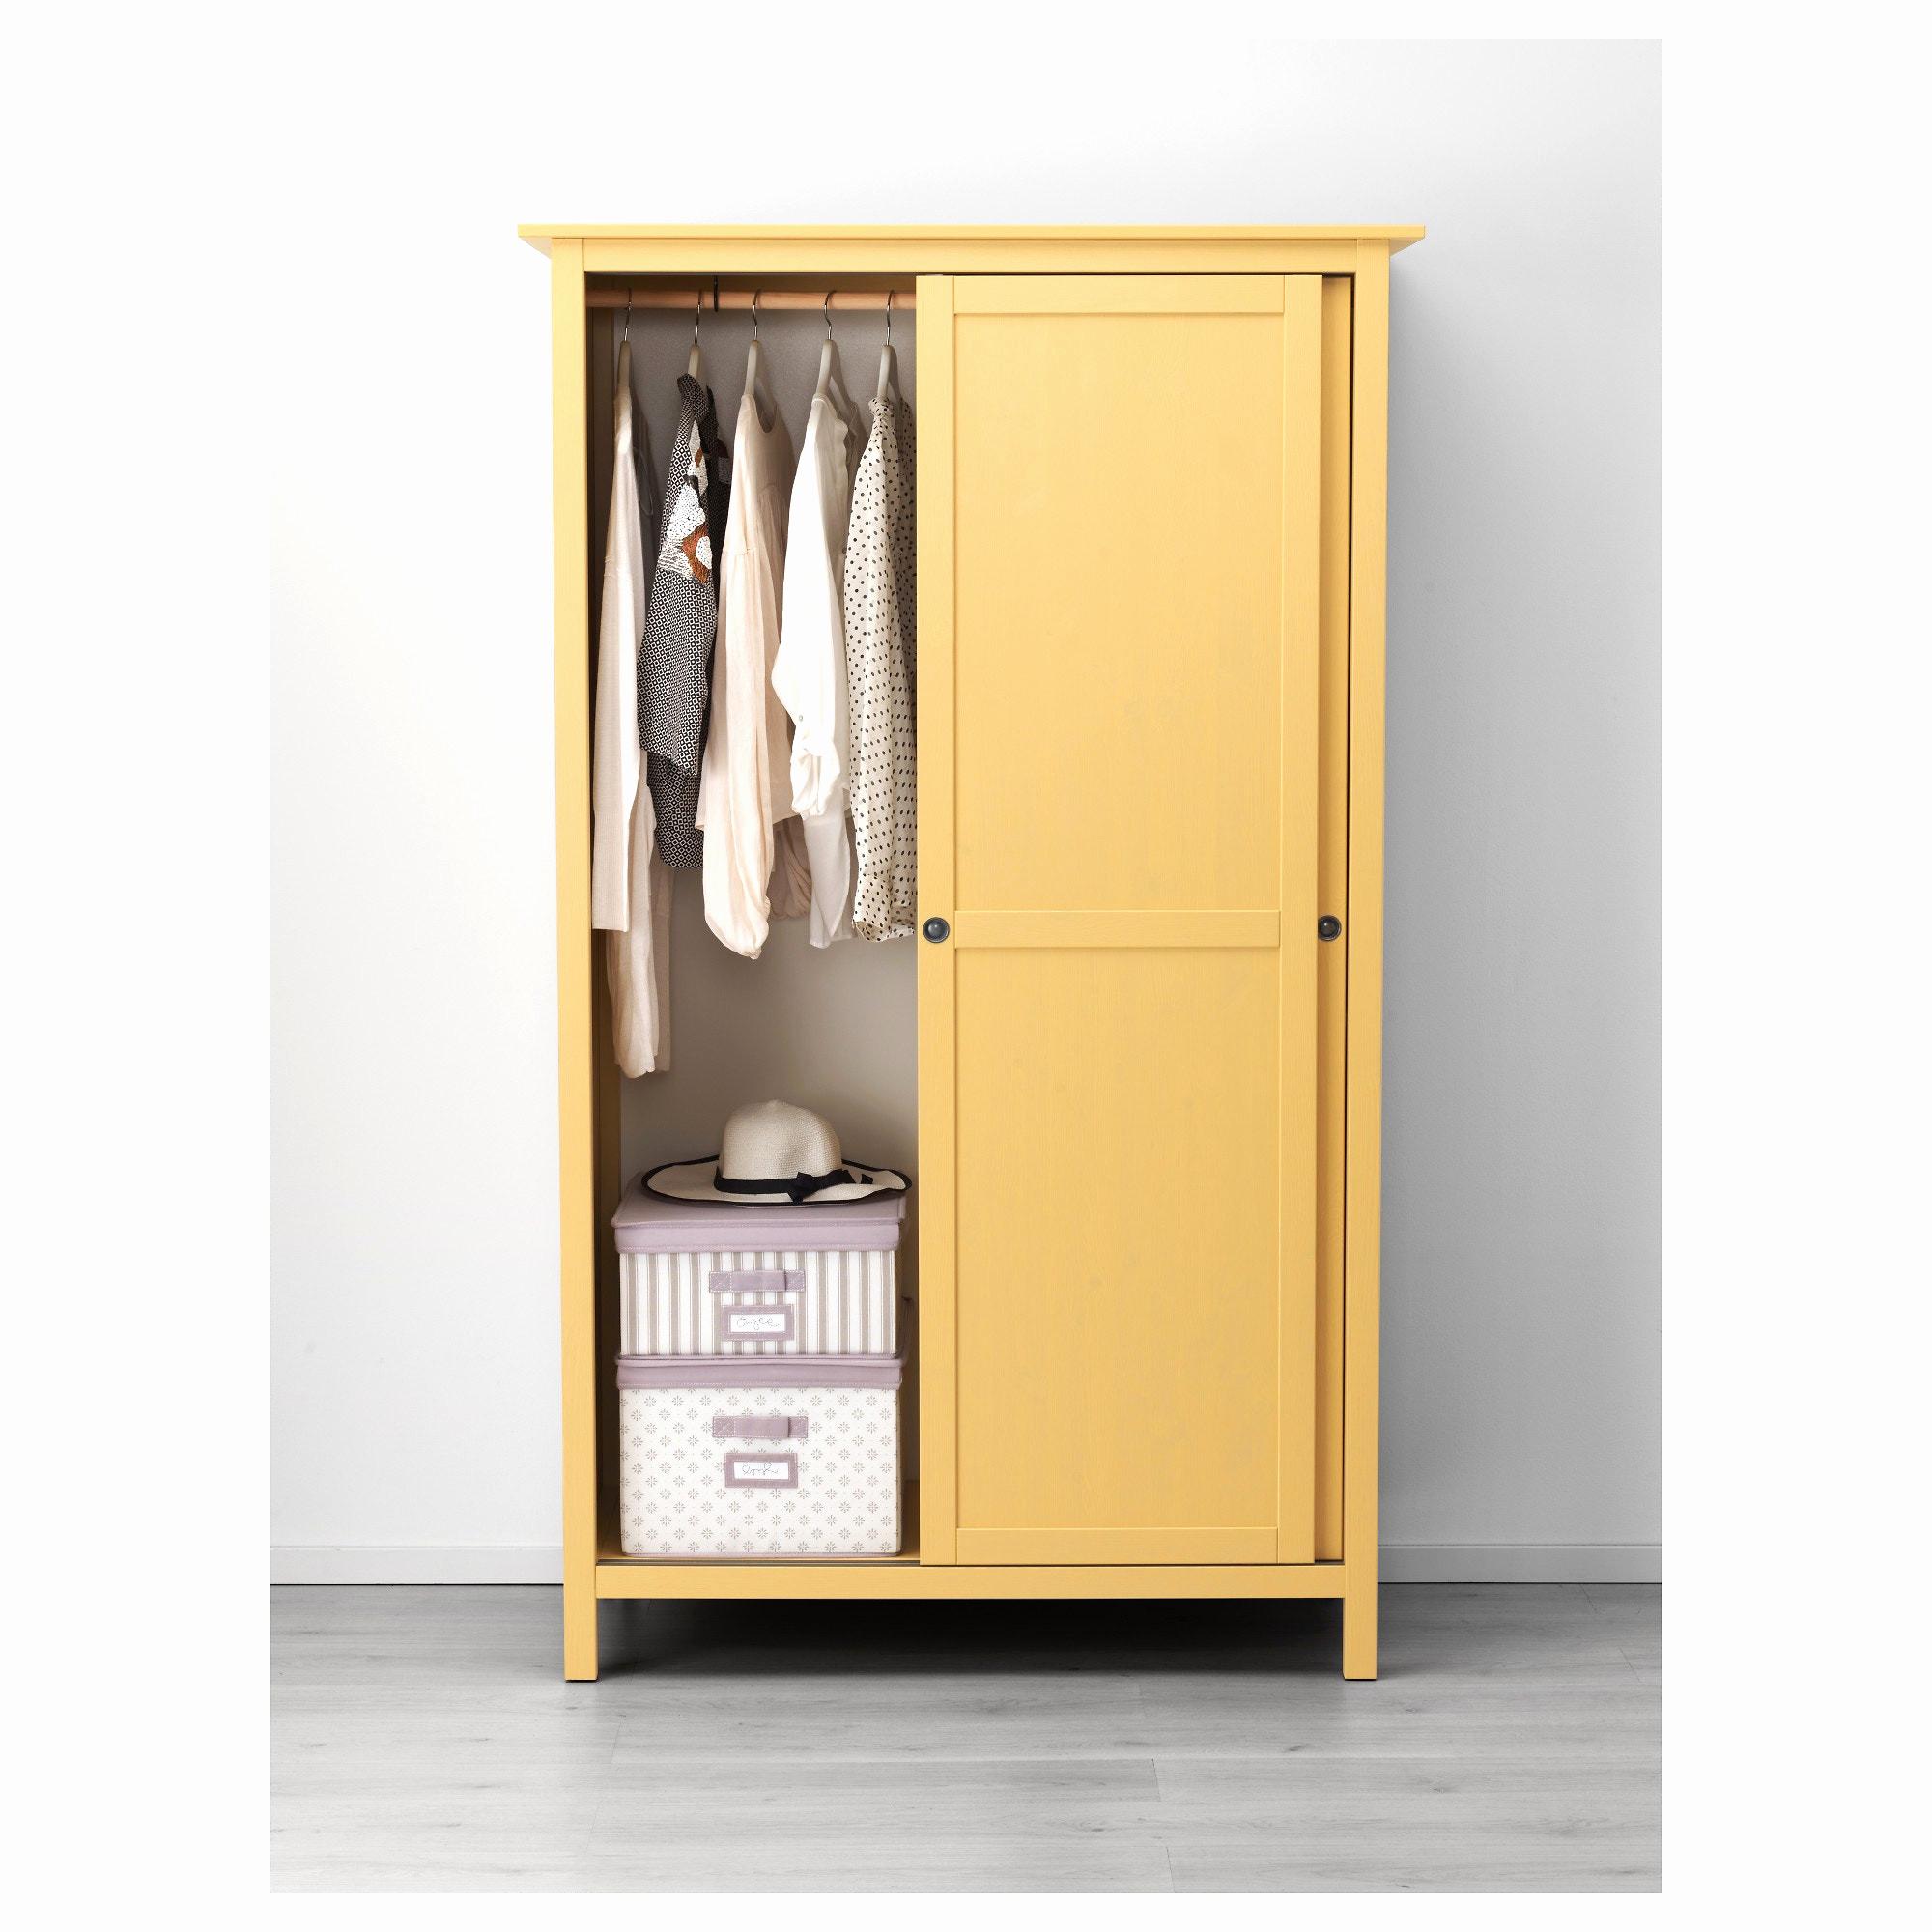 Canapé Arrondi Ikea Luxe Images Page 15 Lit Categories